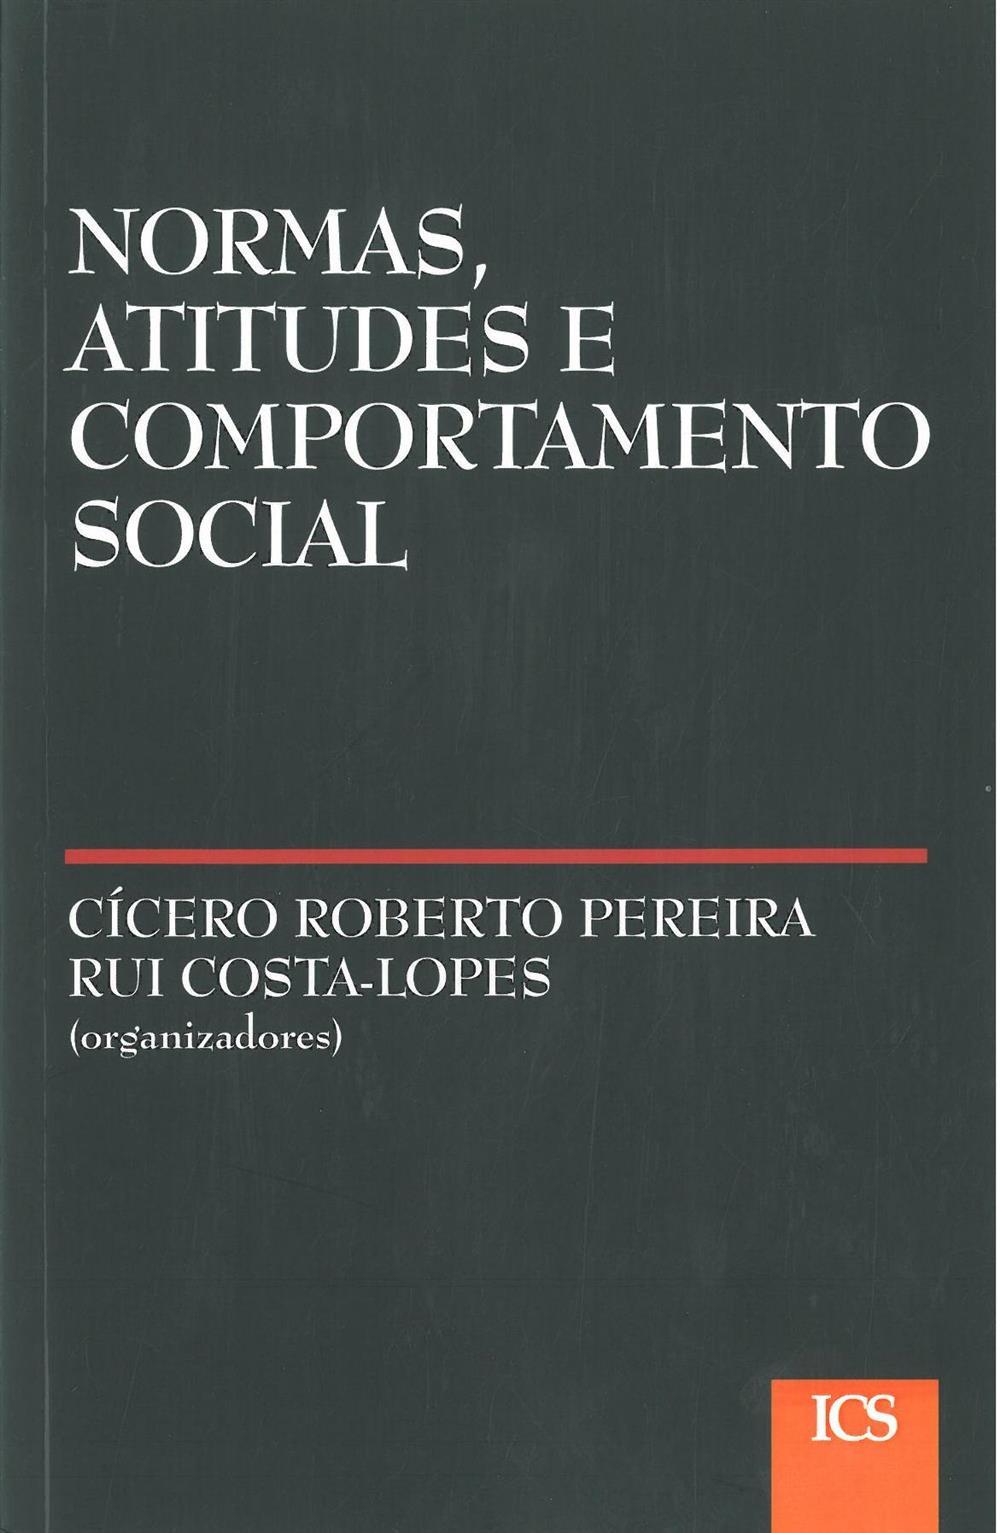 Normas, atitudes e comportamento social_.jpg